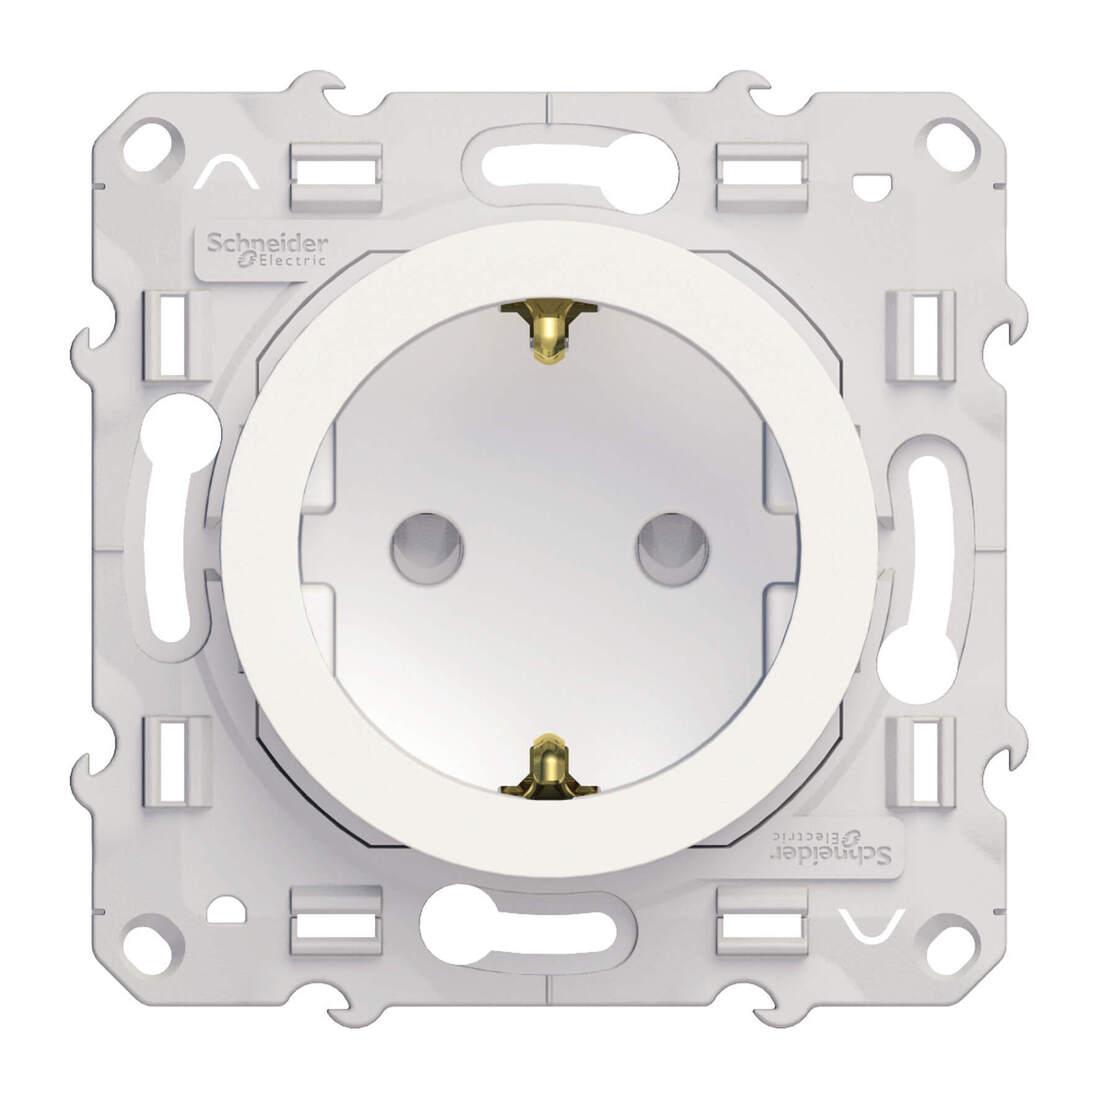 Schneider Electric Odace wandcontactdoos met randaarde 16A - wit (S520057)